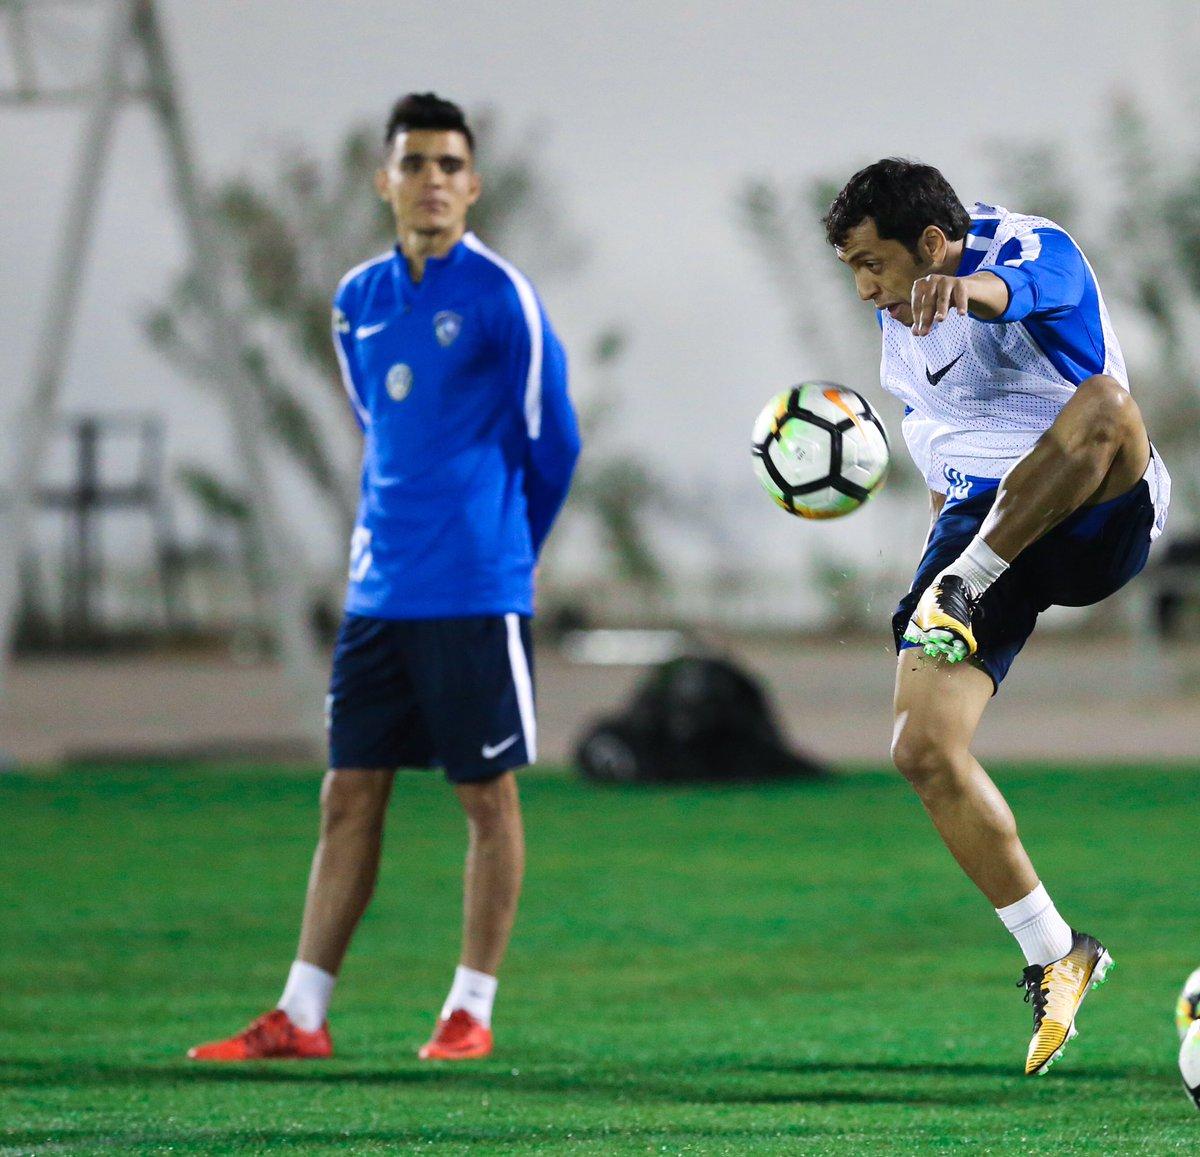 نادي الهلال السعودي on Twitter: أخبار فريق الهلال الأول لكرة القدم ليوم الثلاثاء 6 فبراير 2018م https://t.co/jMQgVOu0uL…